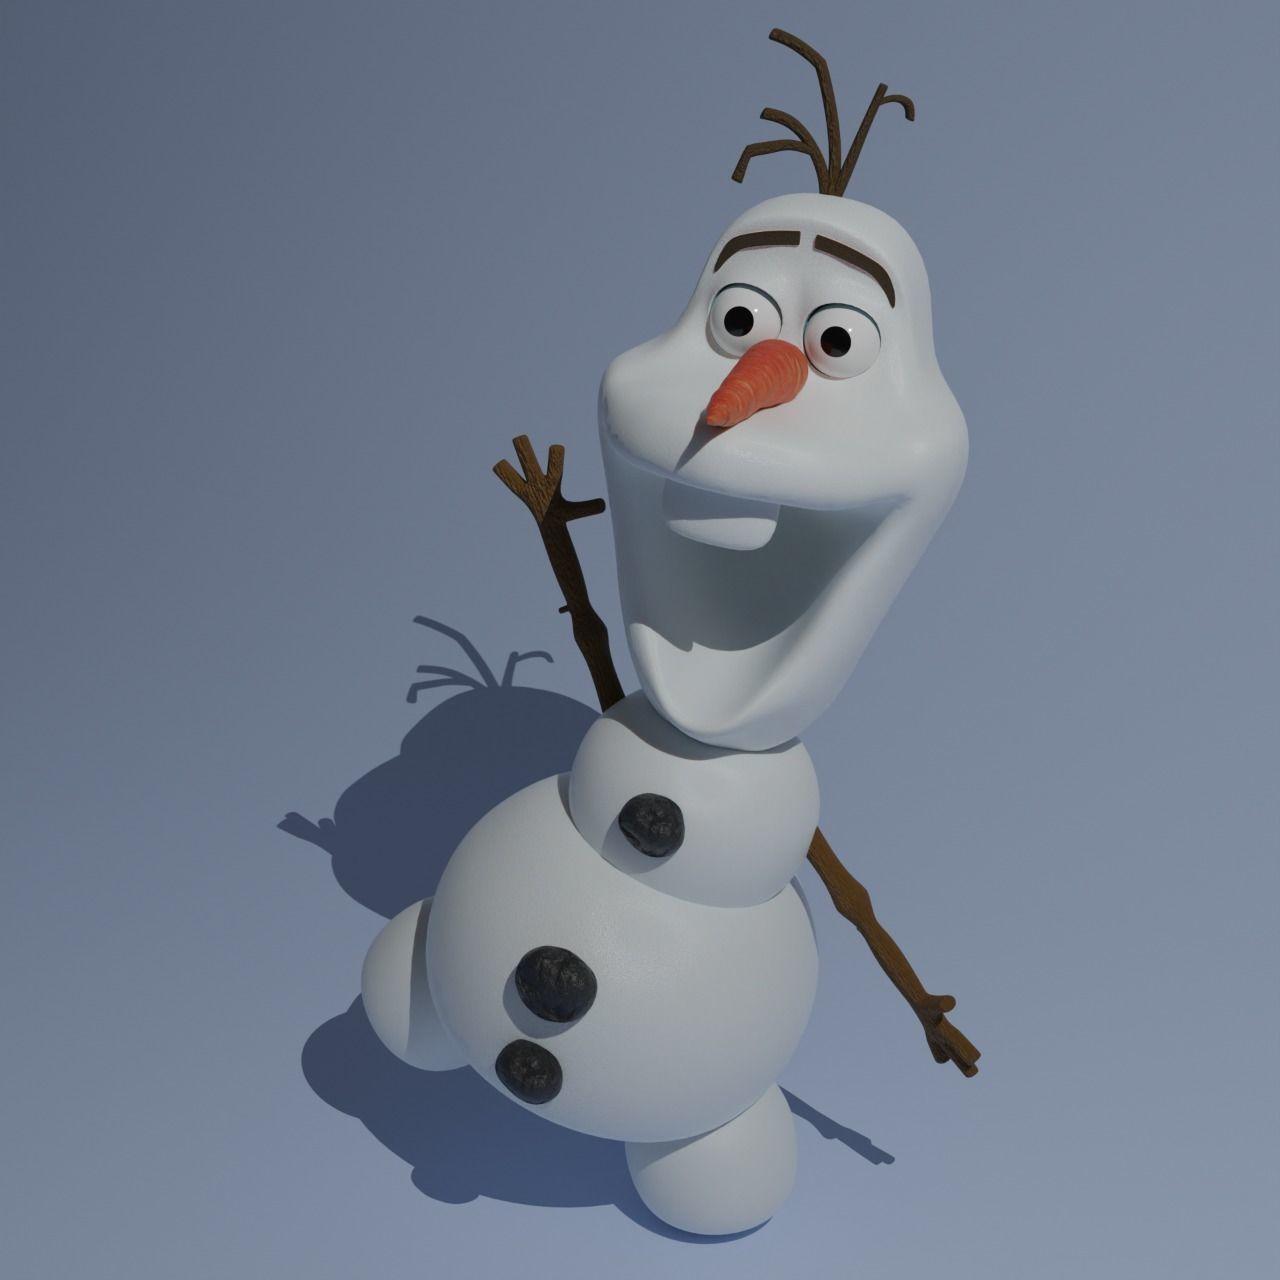 3D Model of Olaf